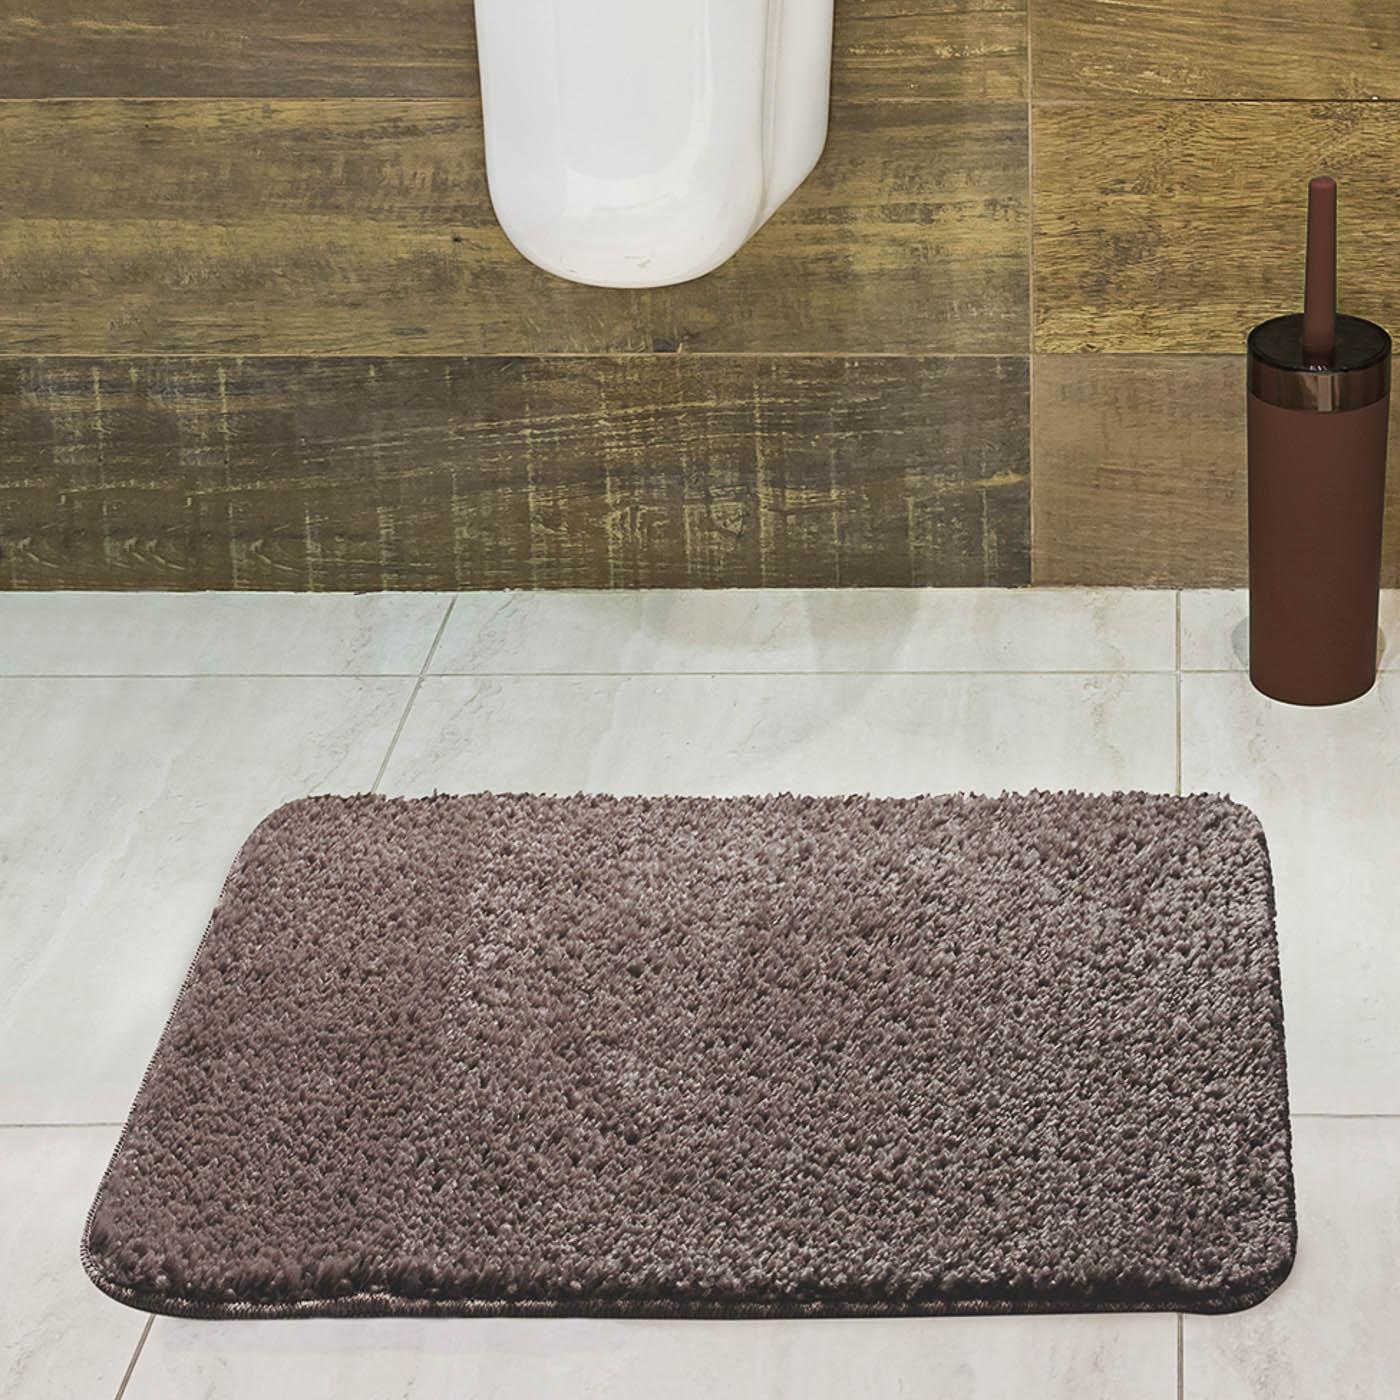 Tapete para Banheiro Jolitex Volpi 40x60cm Camurça